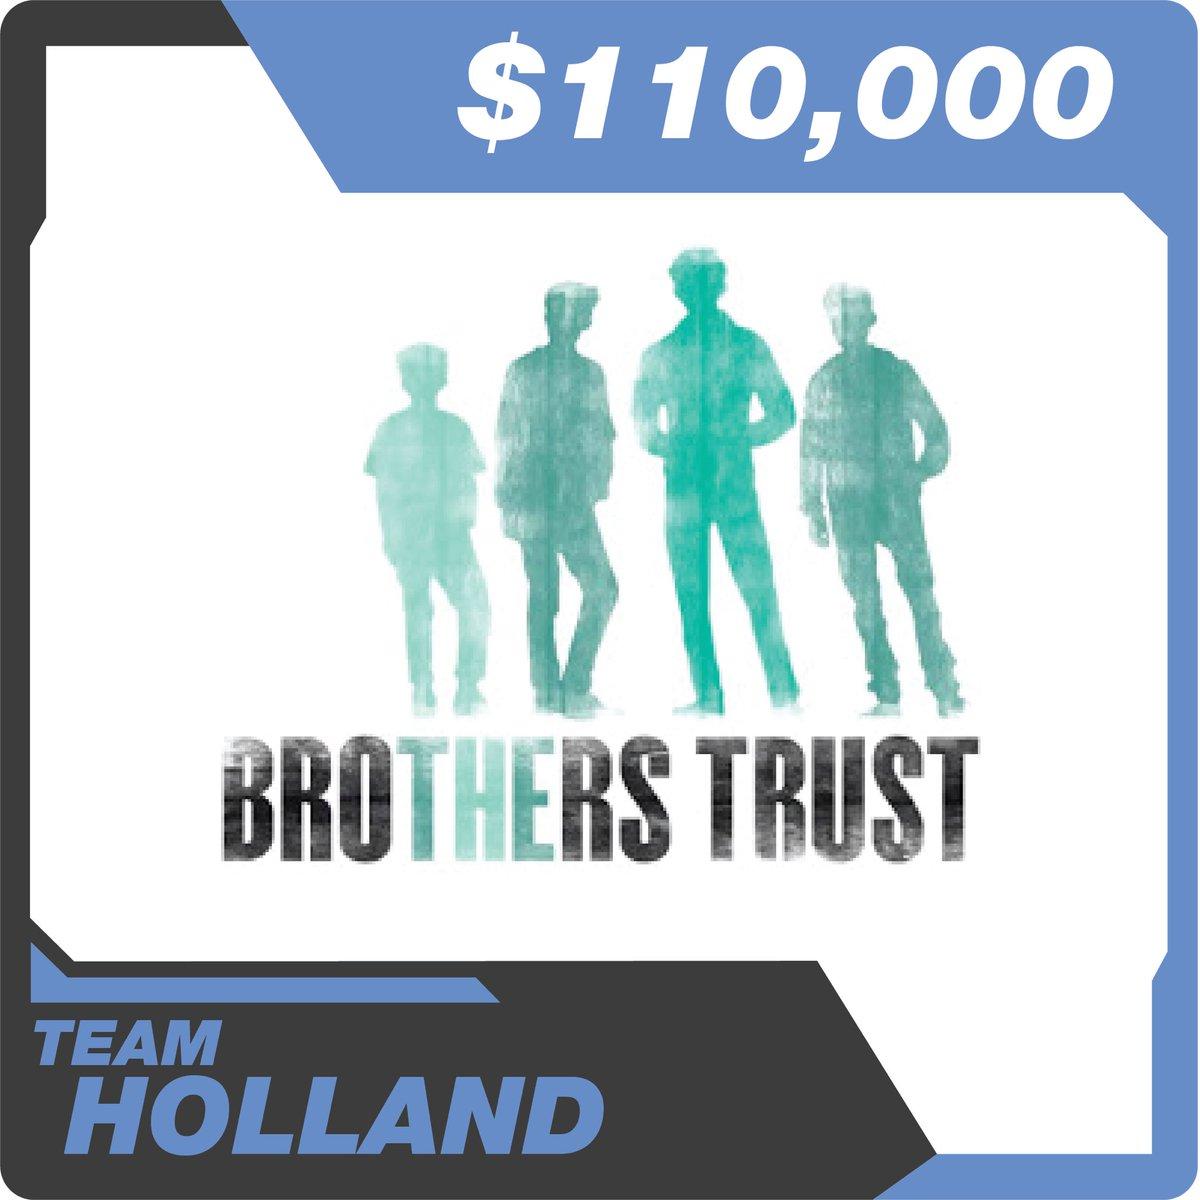 #TeamHolland @TomHolland1996 @Tbrotherstrust